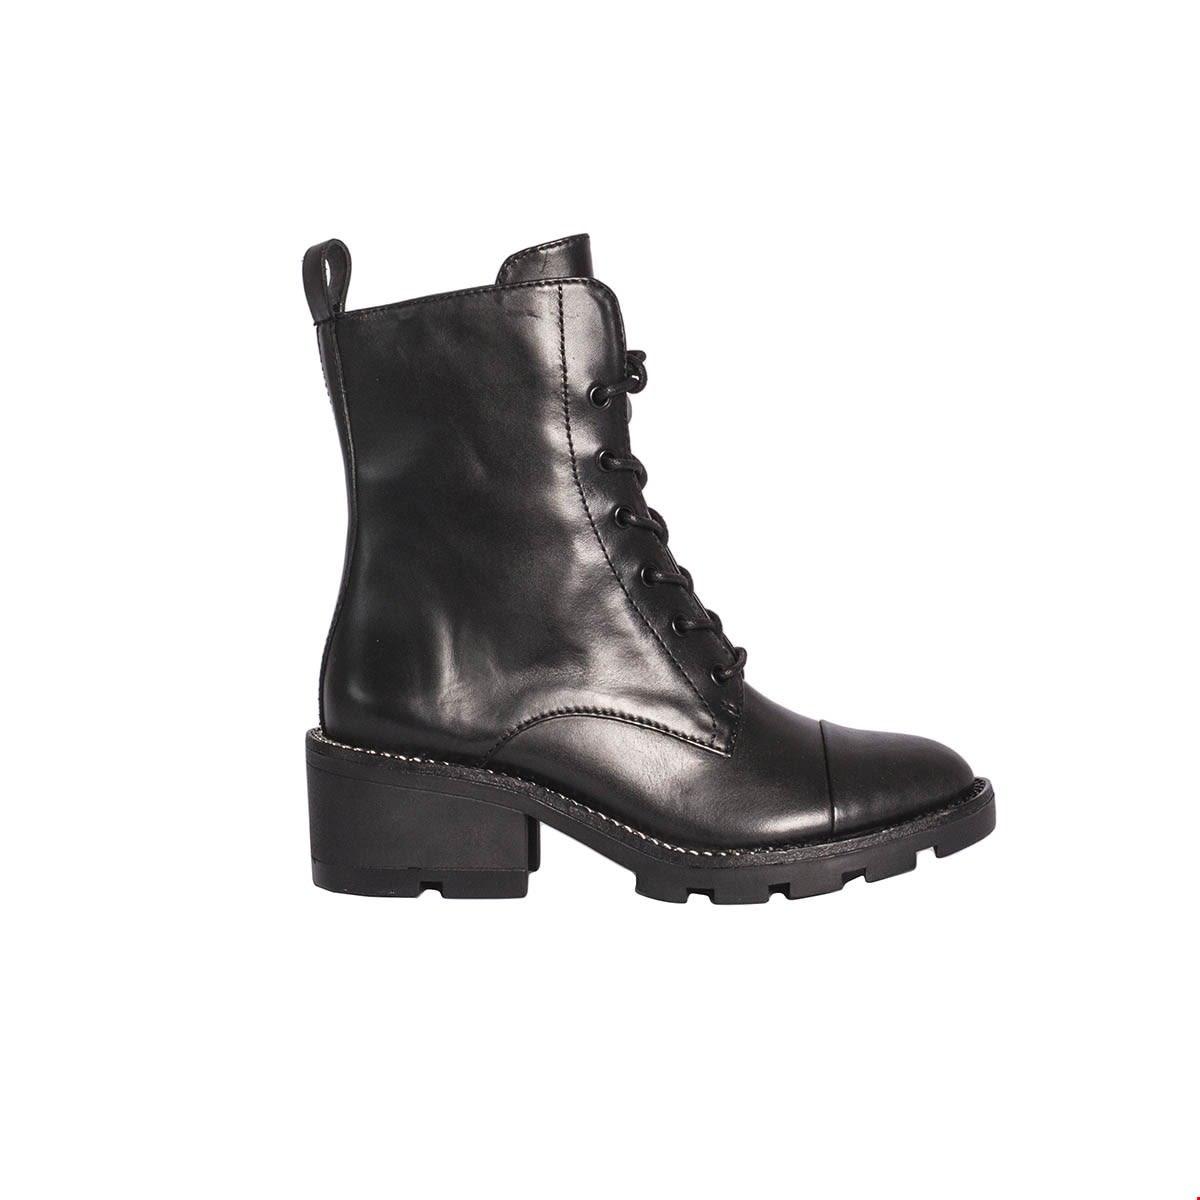 Park Combat Boots